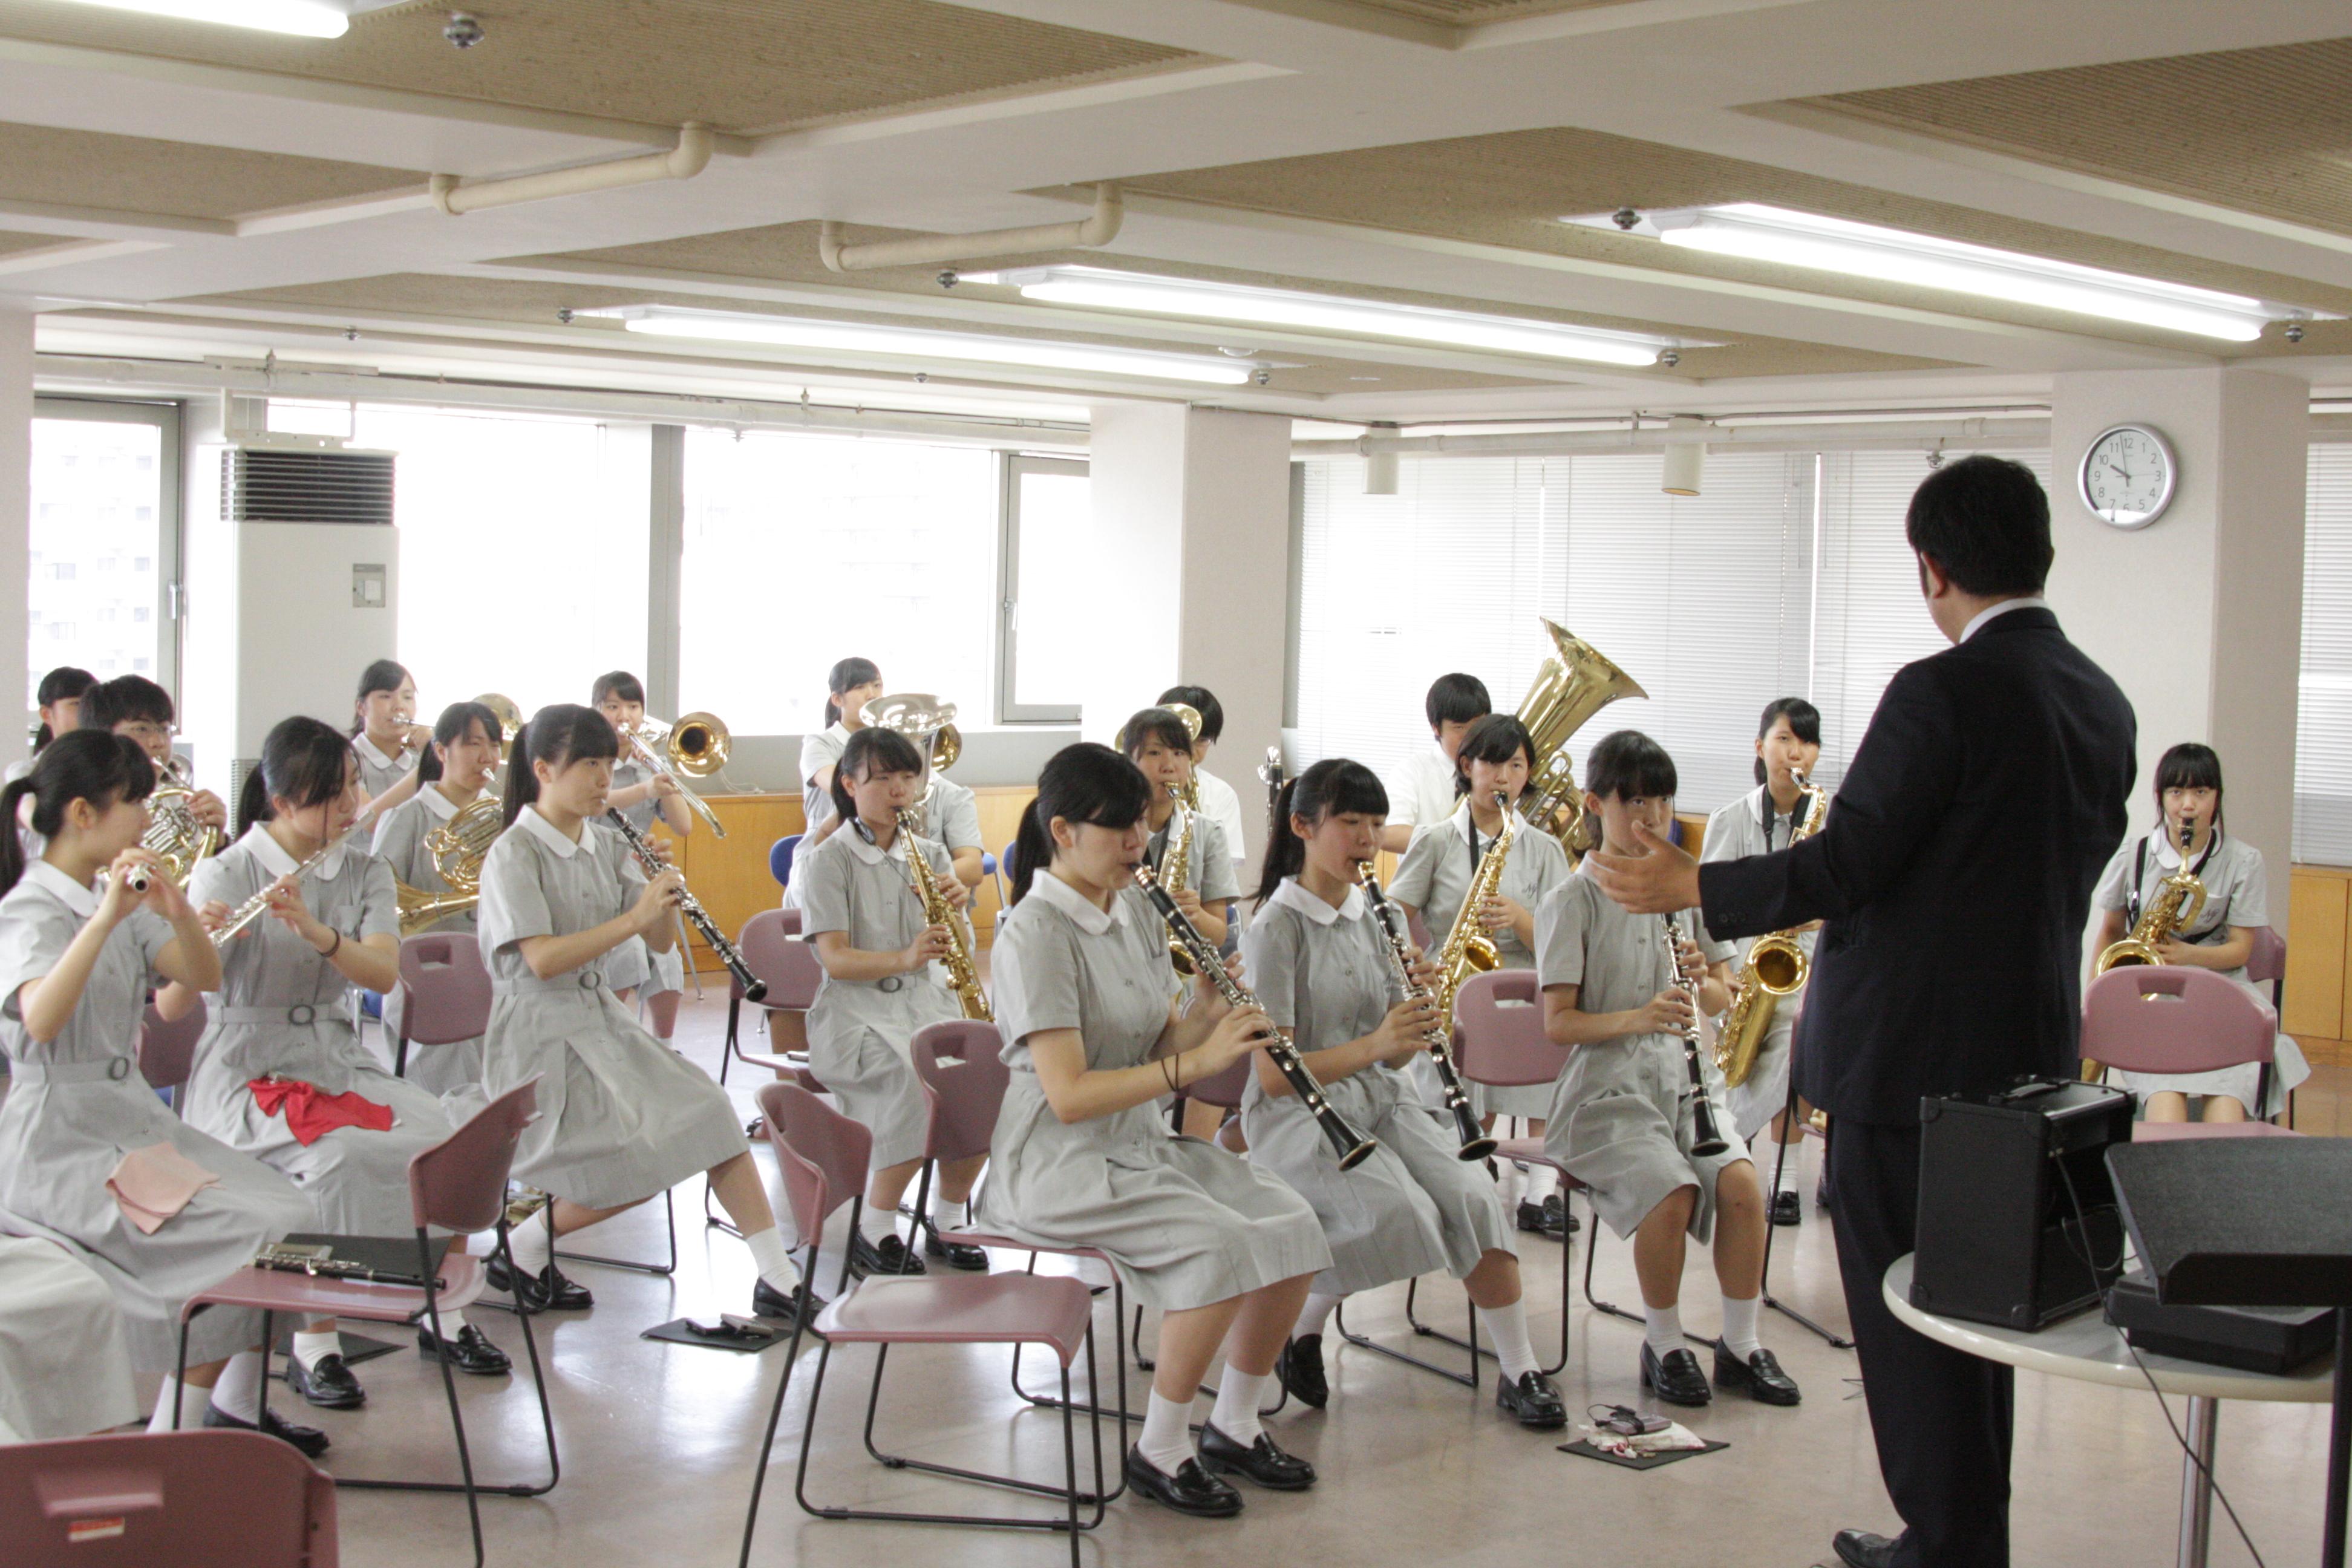 nishinomiyateien 179